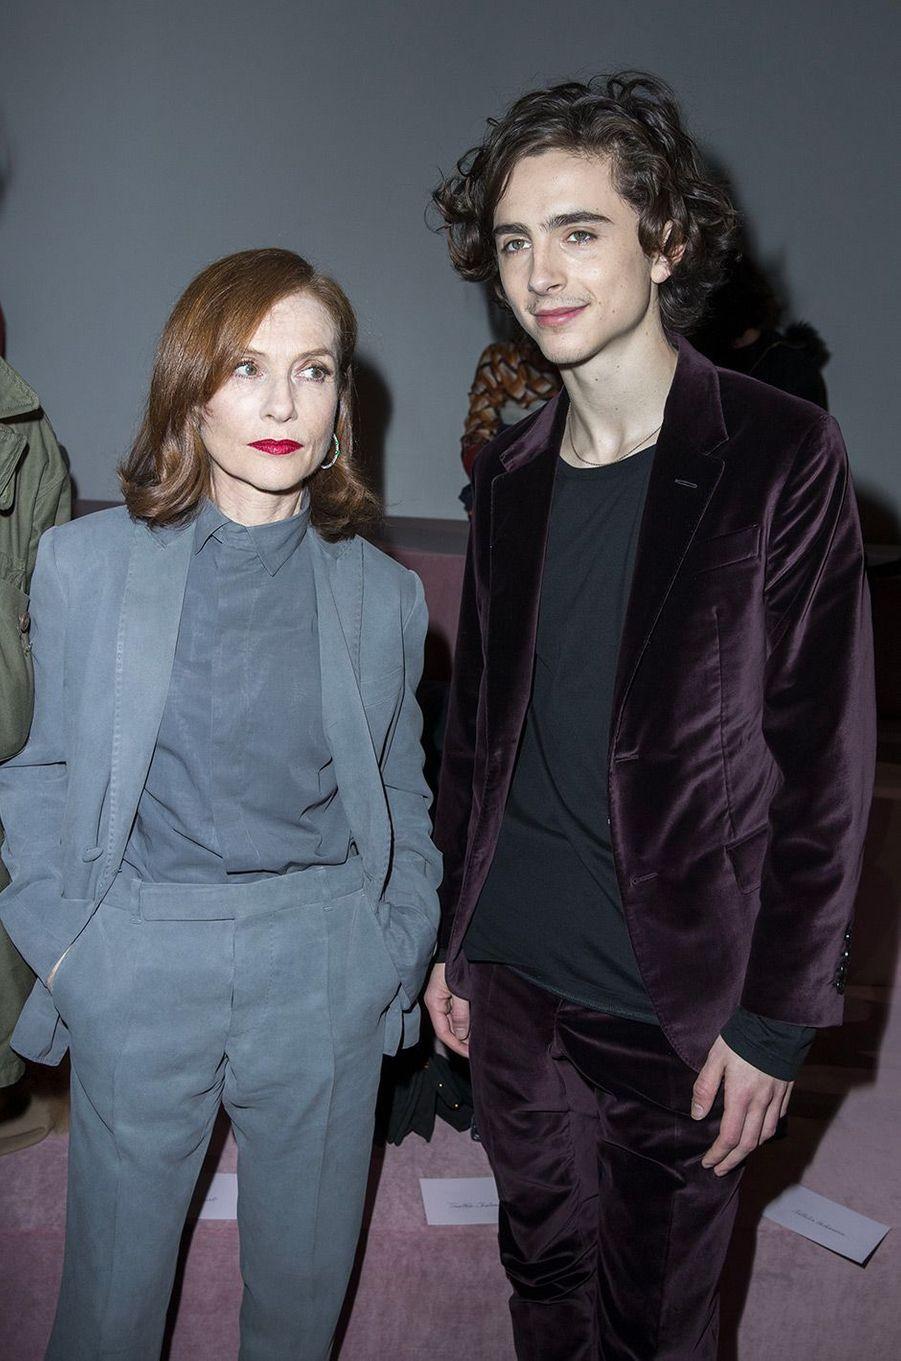 Isabelle Huppert et Timothée Chalamet au défilé Berluti pendant la Fashion Week